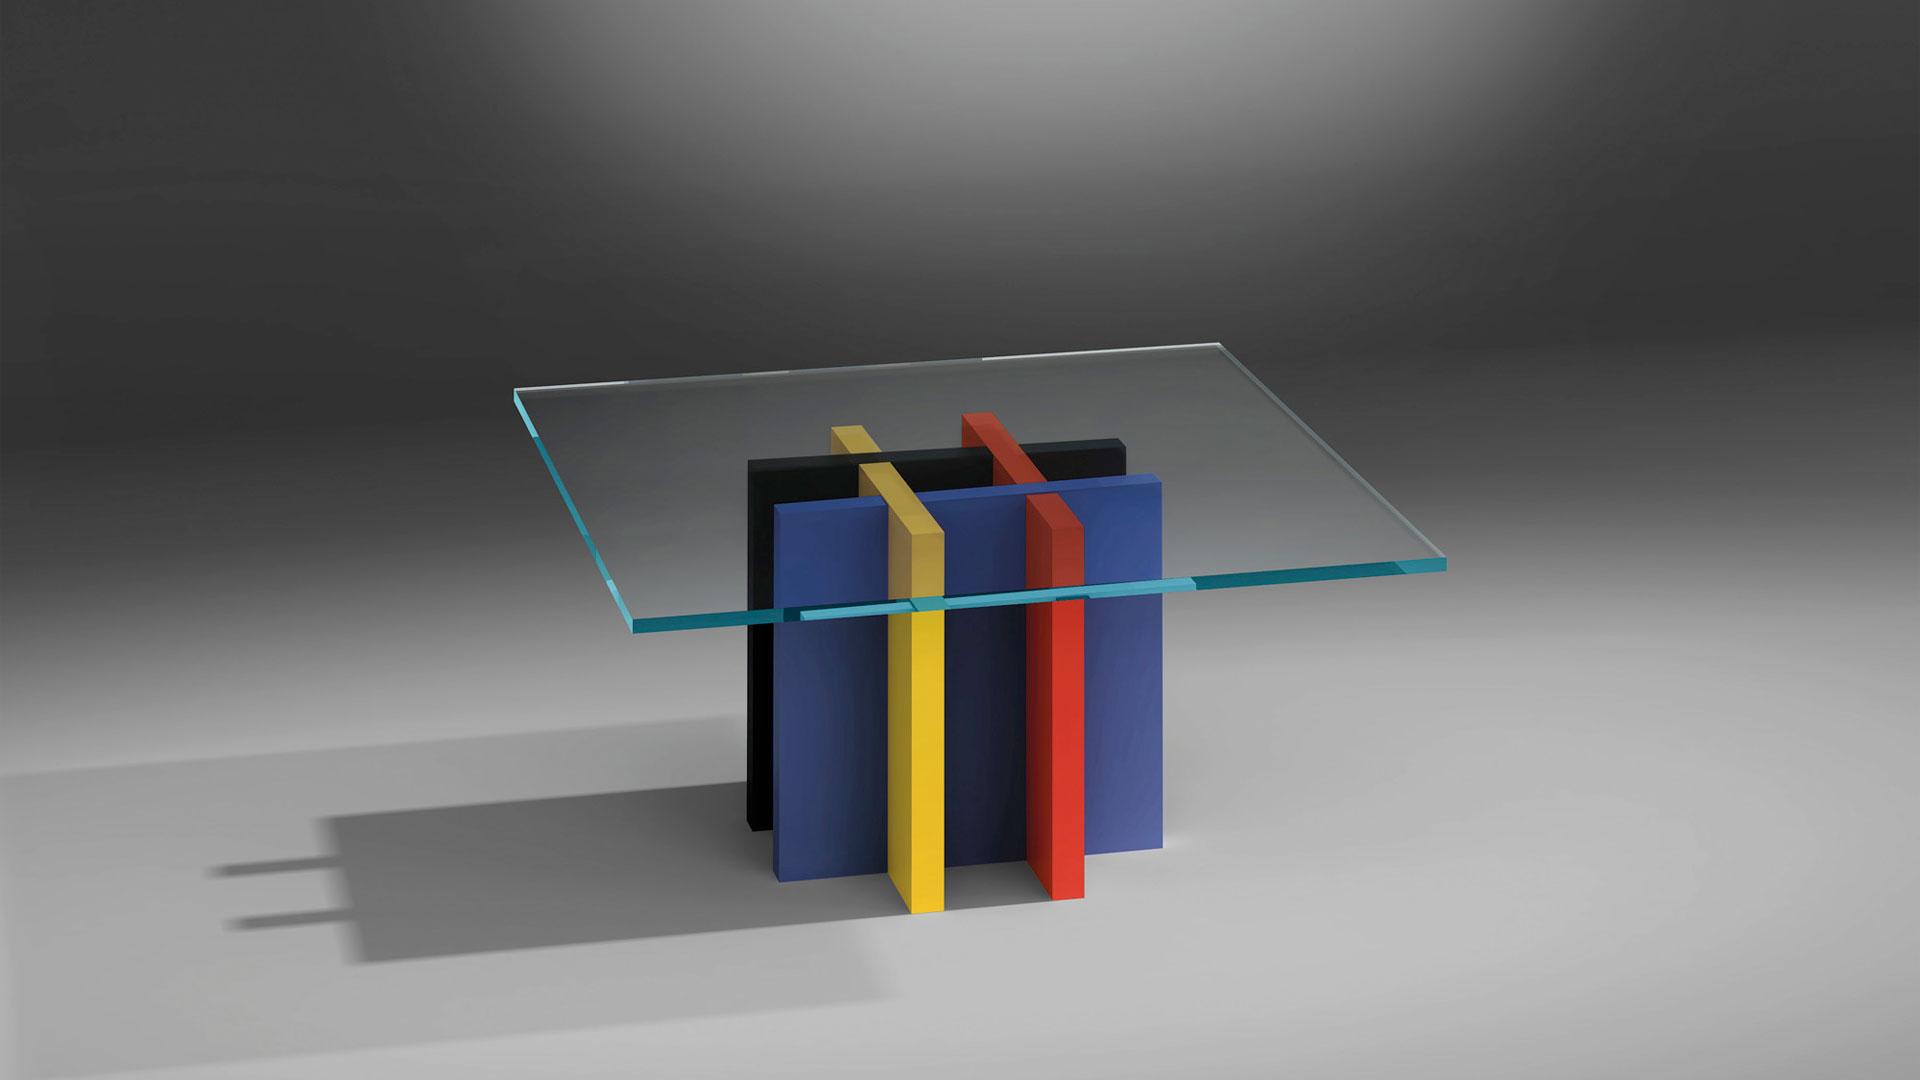 dreieck design glascouchtisch mondrian quadratisch - Marken